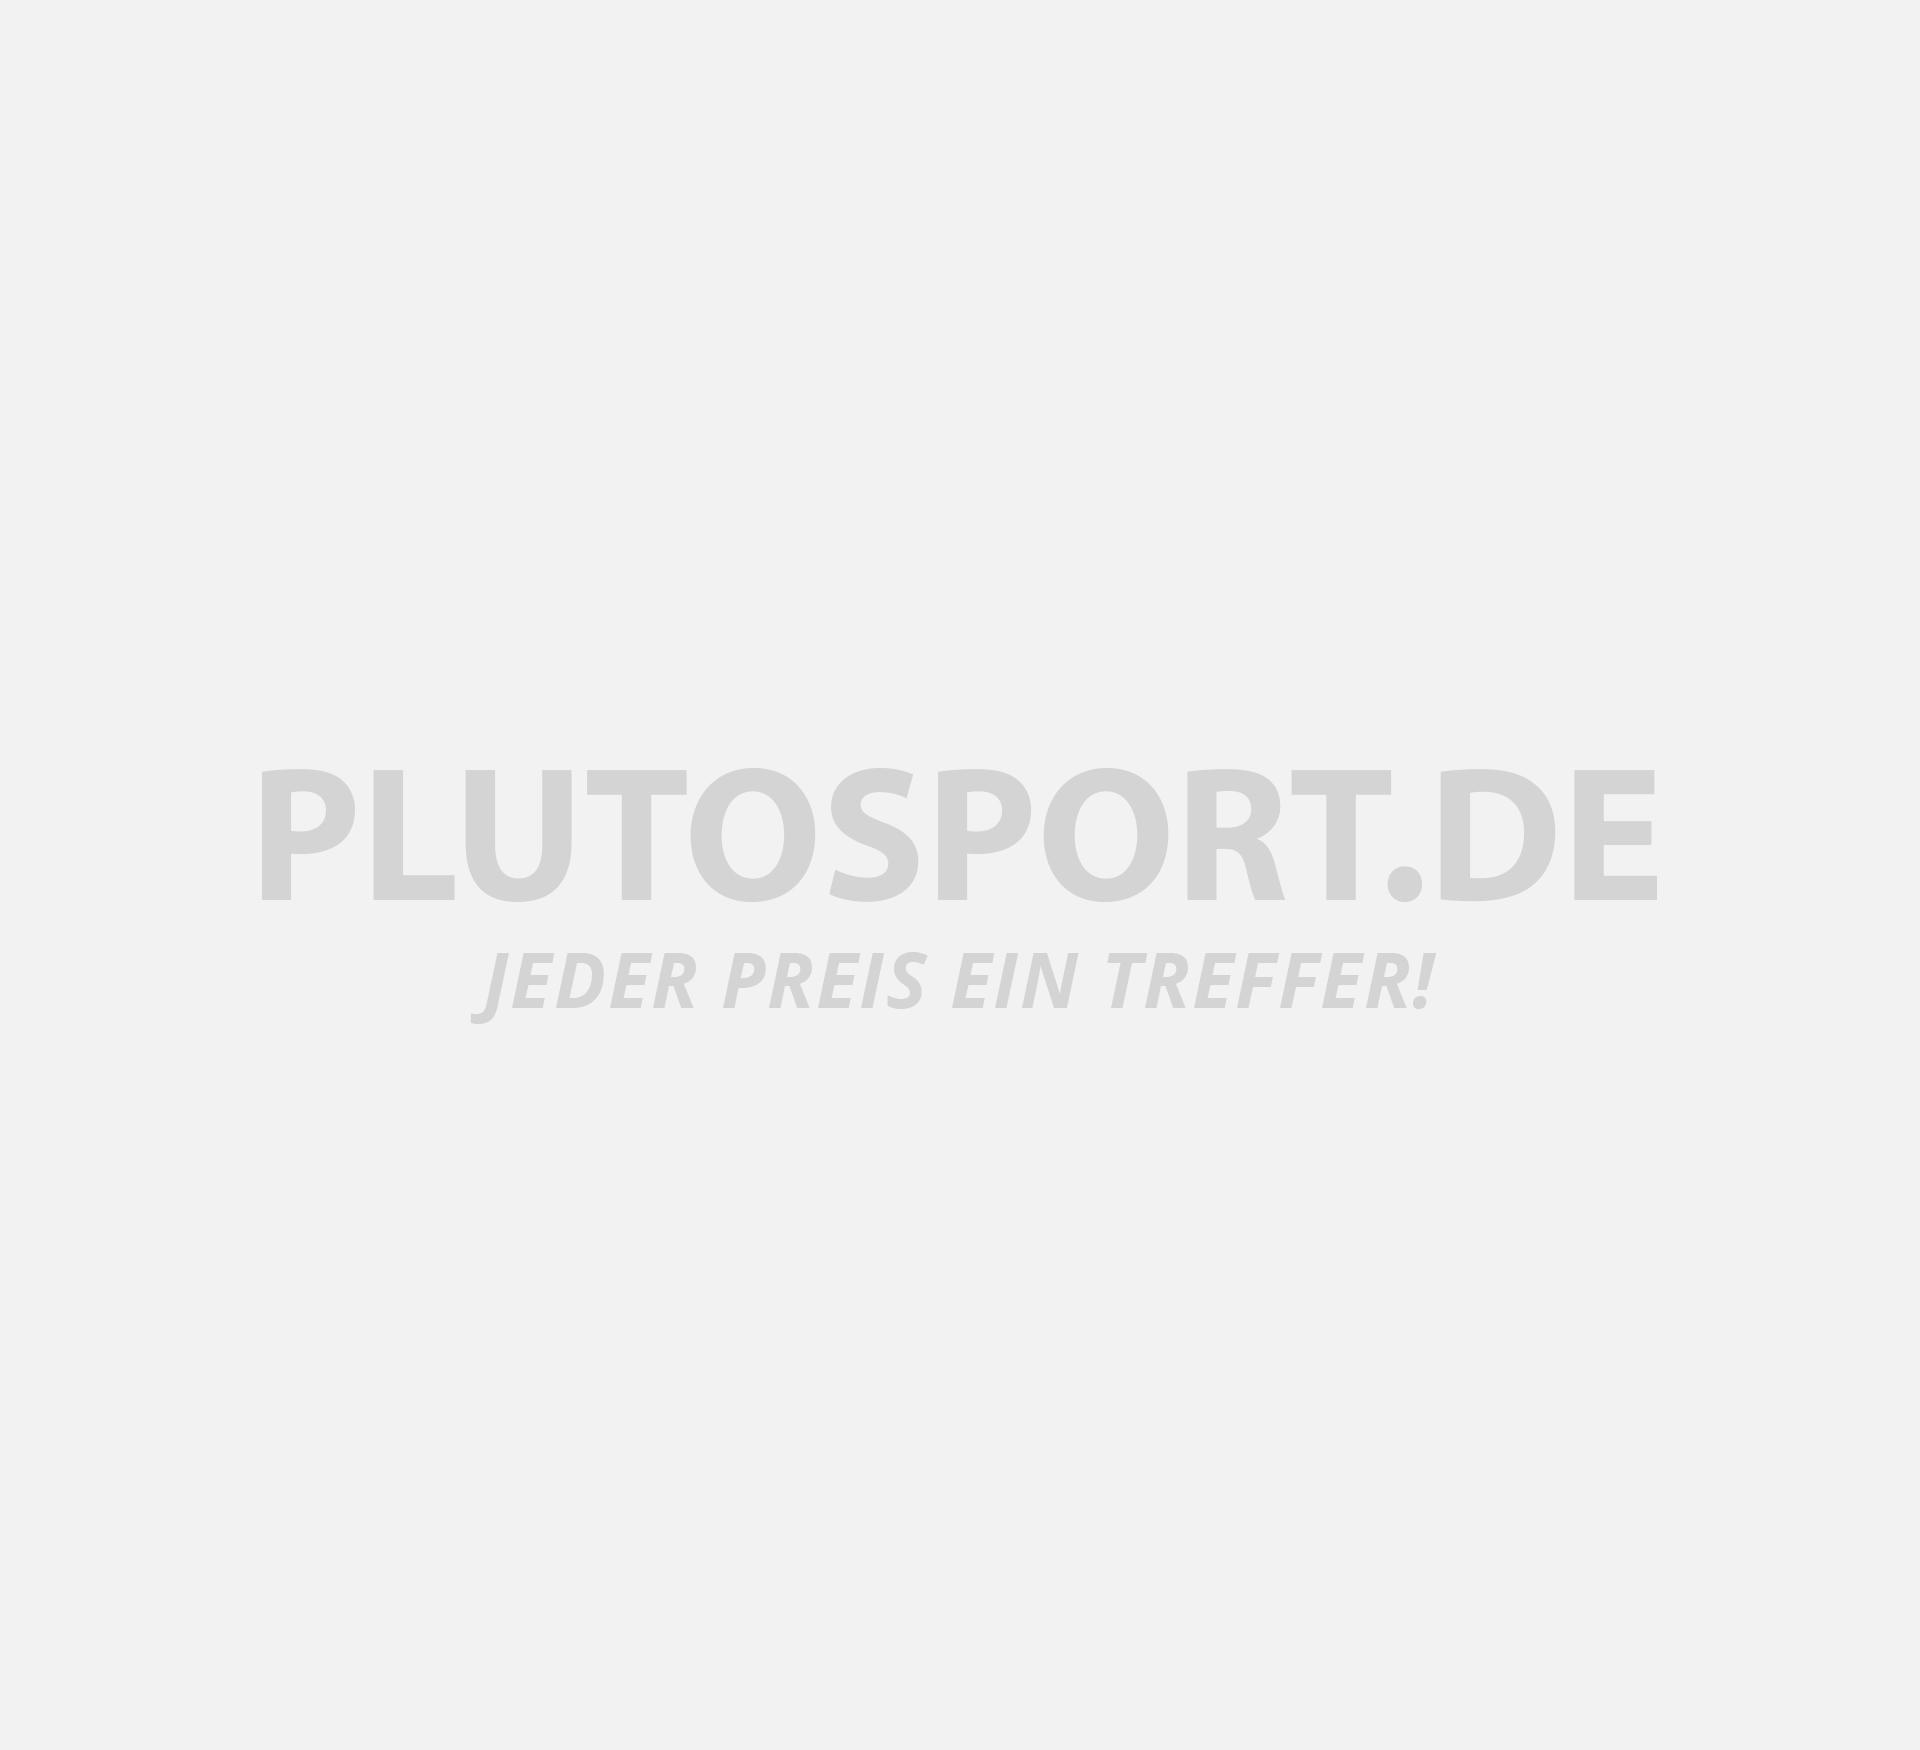 Uhlsport Eliminator Supersoft Torwart-Handschuh